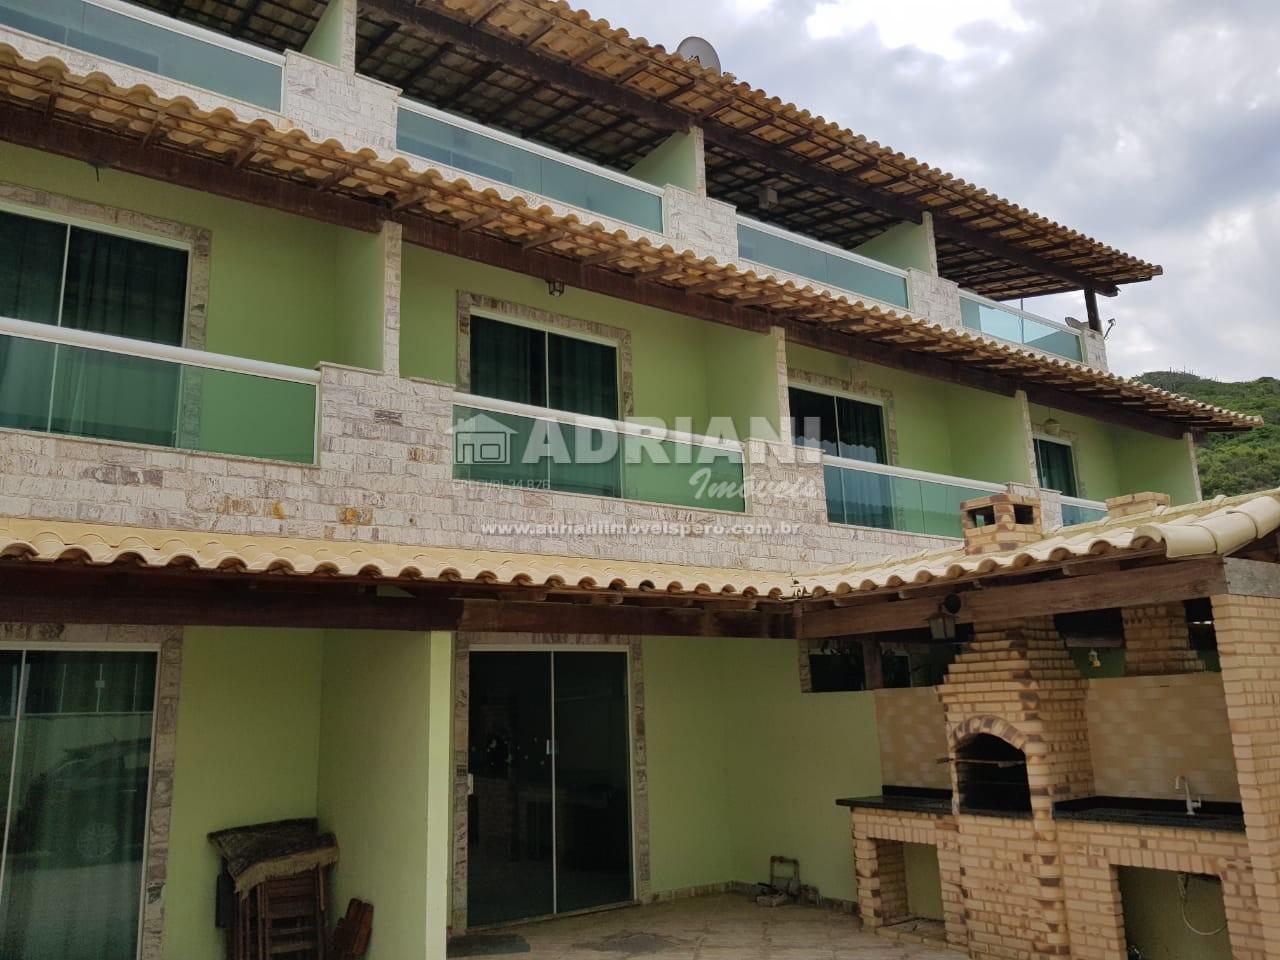 Cód 379 Casa em condomínio, com 4 quartos, área gourmet, Peró, Cabo Frio – RJ